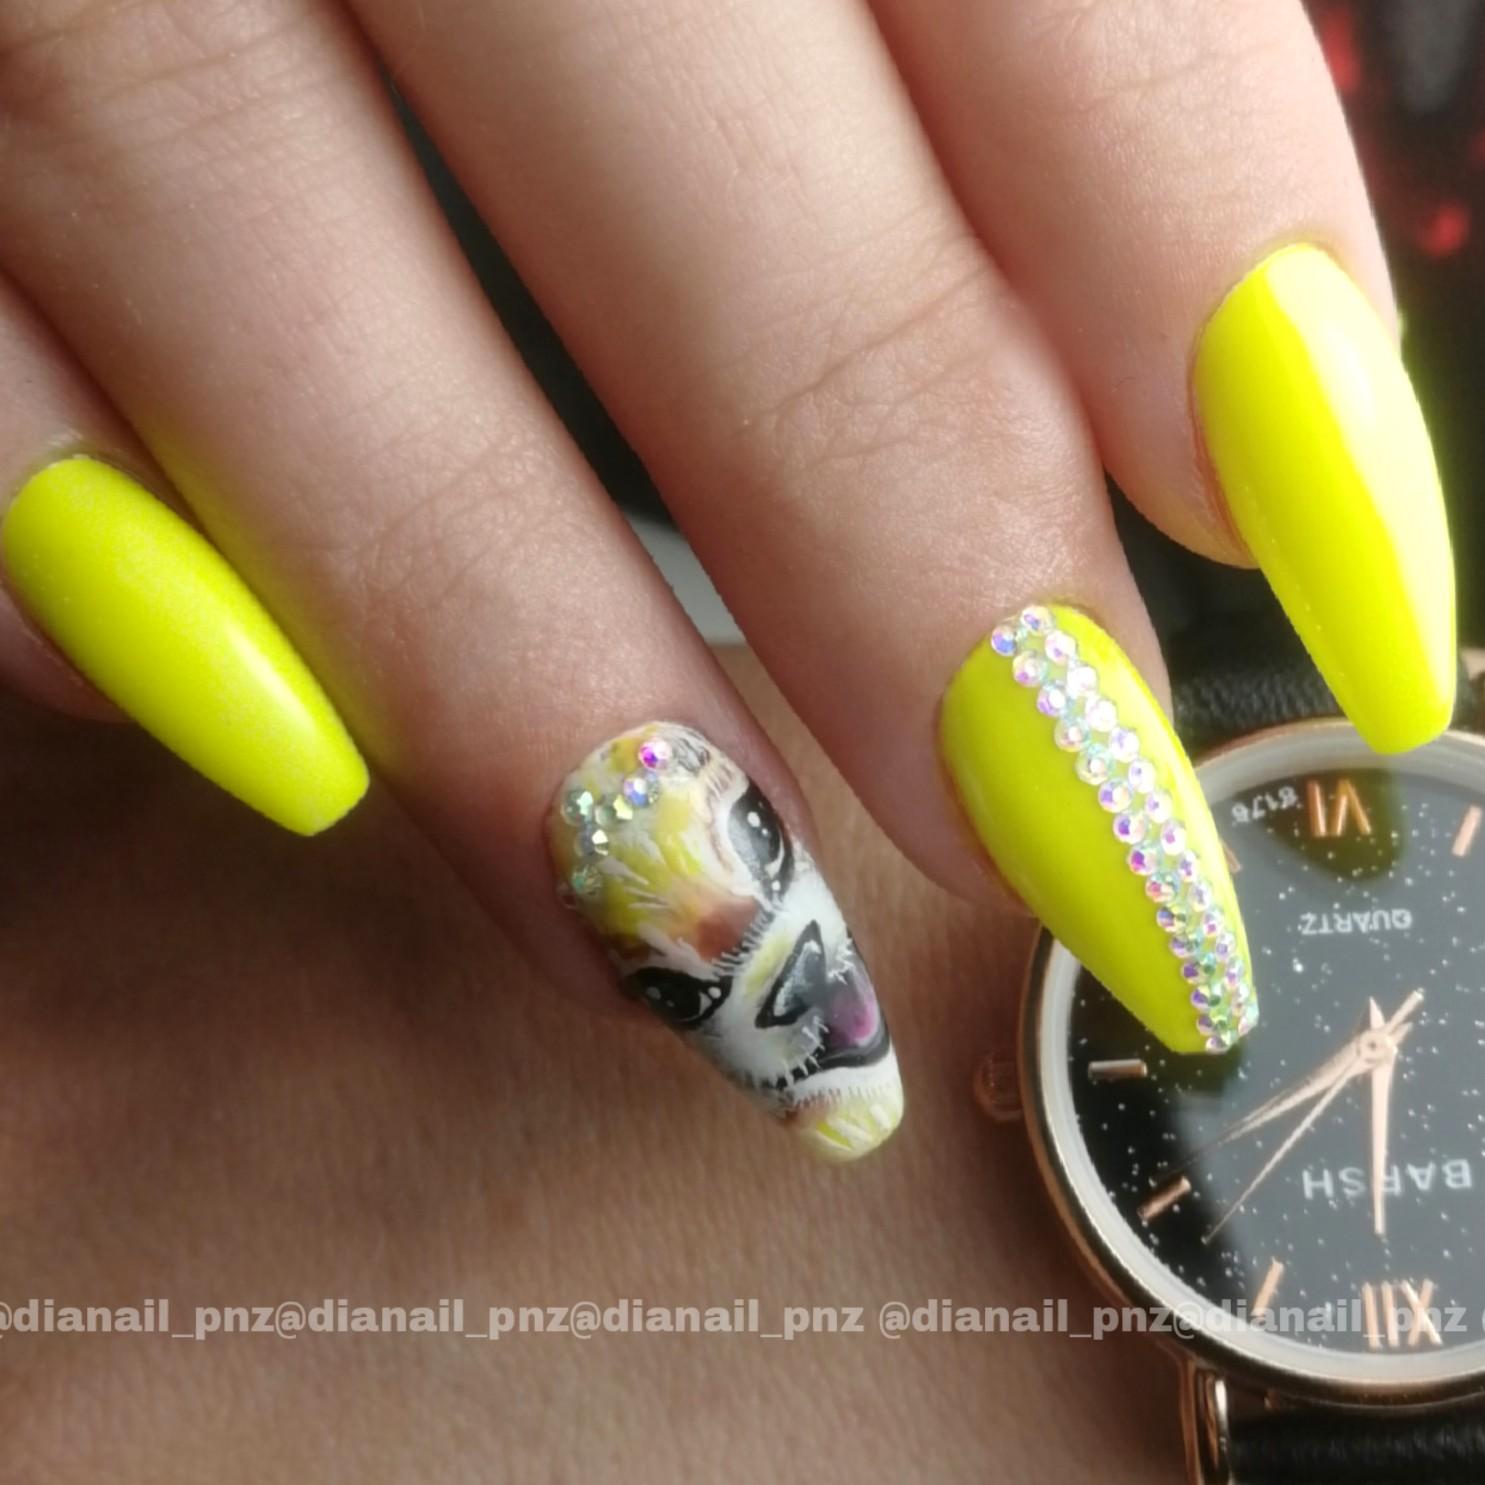 Маникюр с рисунком и стразами в желтом цвете на длинные ногти.